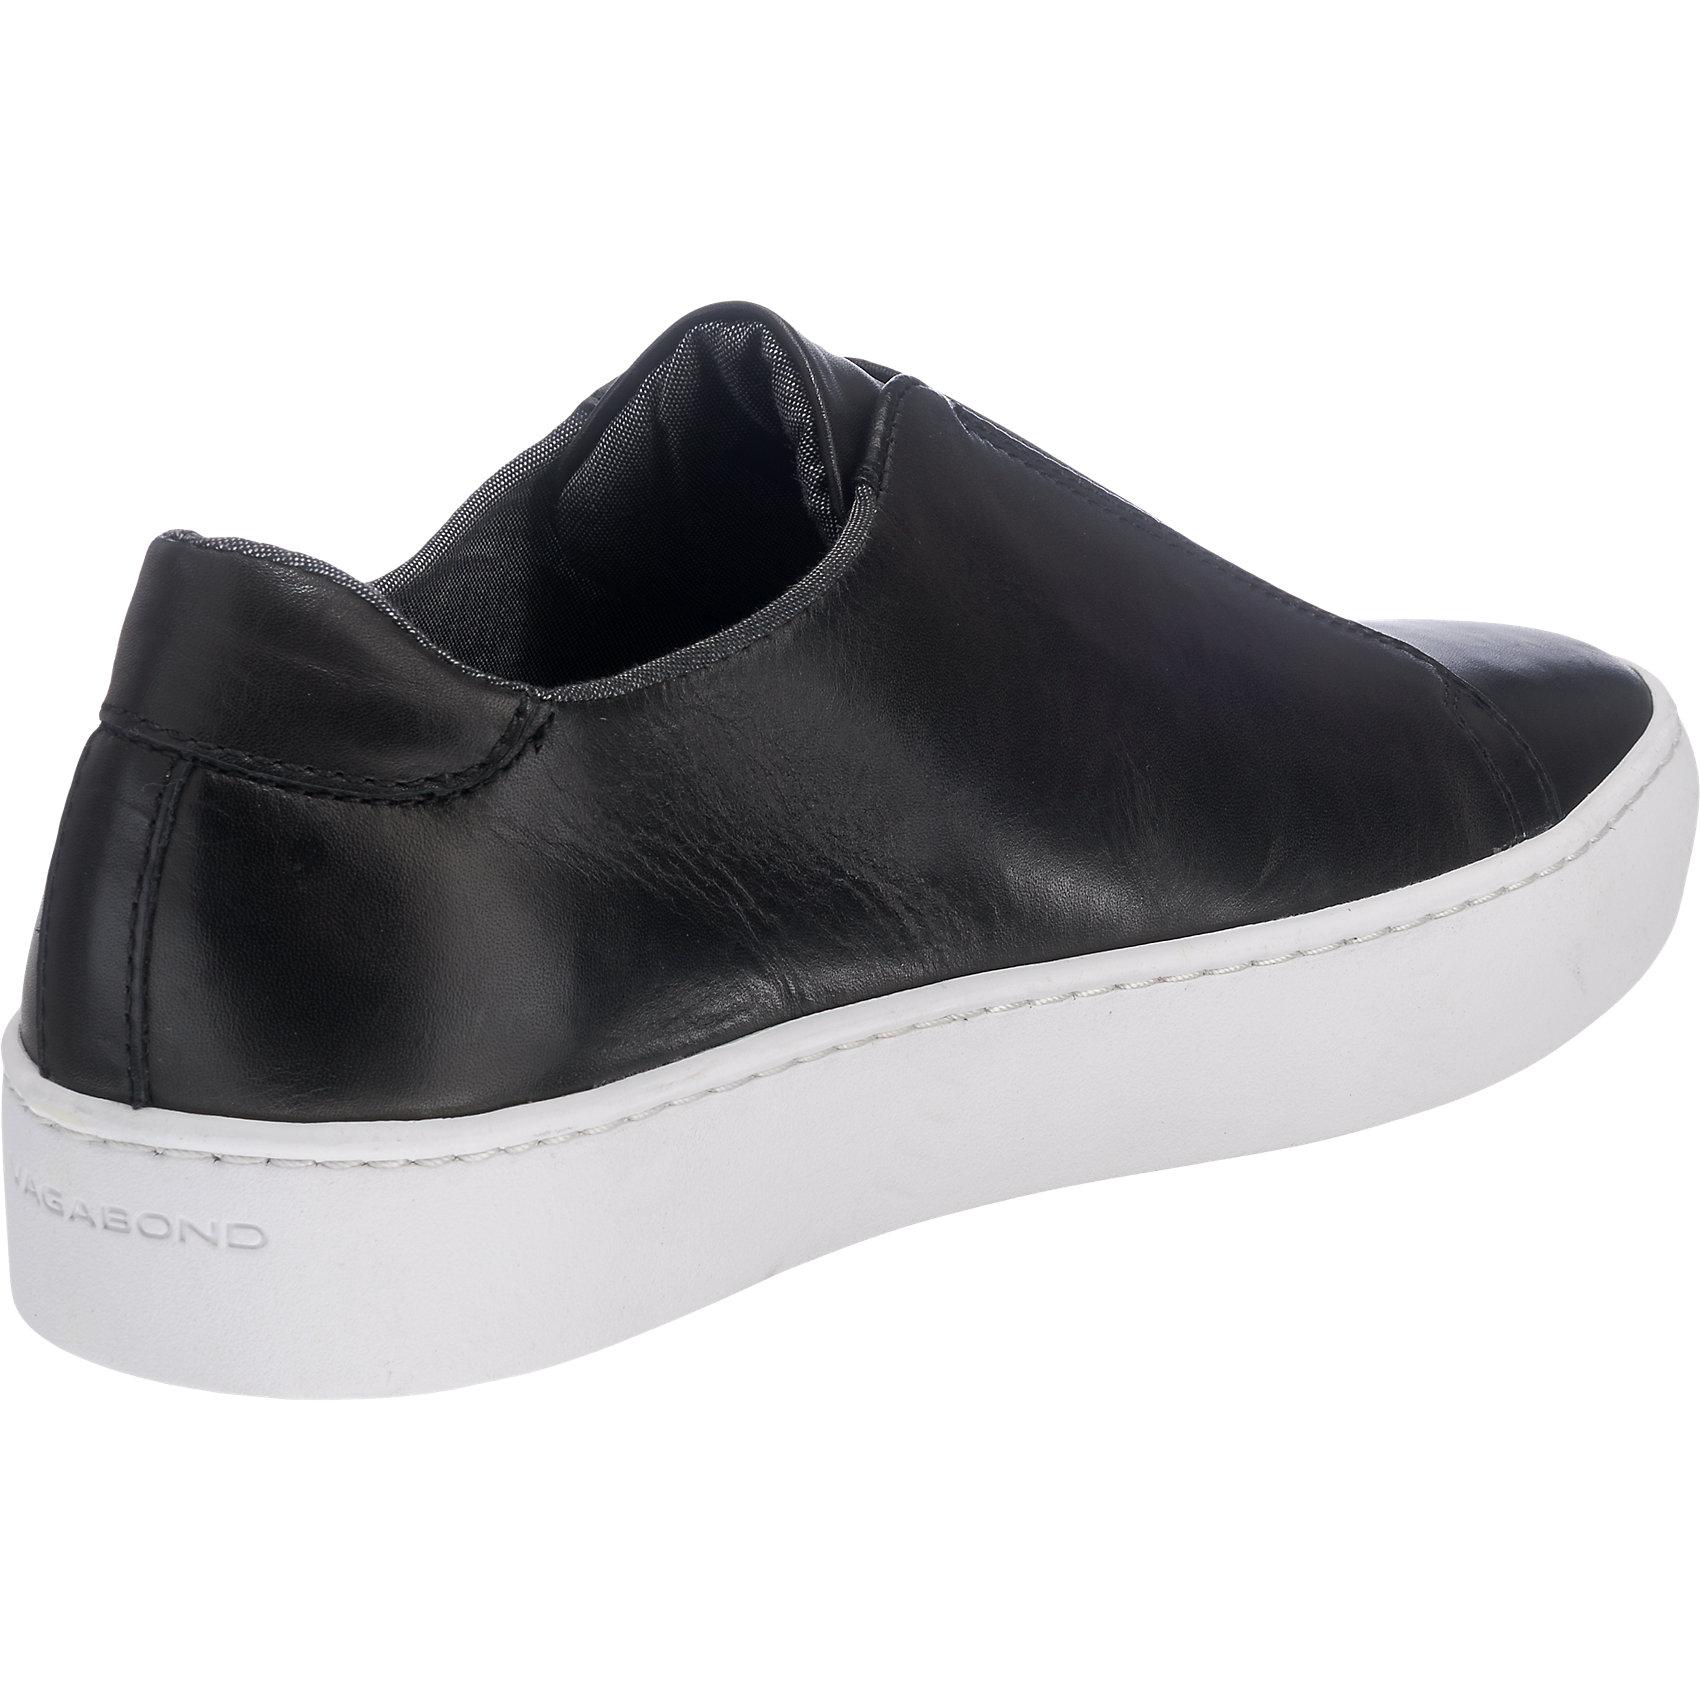 Neu VAGABOND Zoe Sneakers 5766891 für Damen schwarz